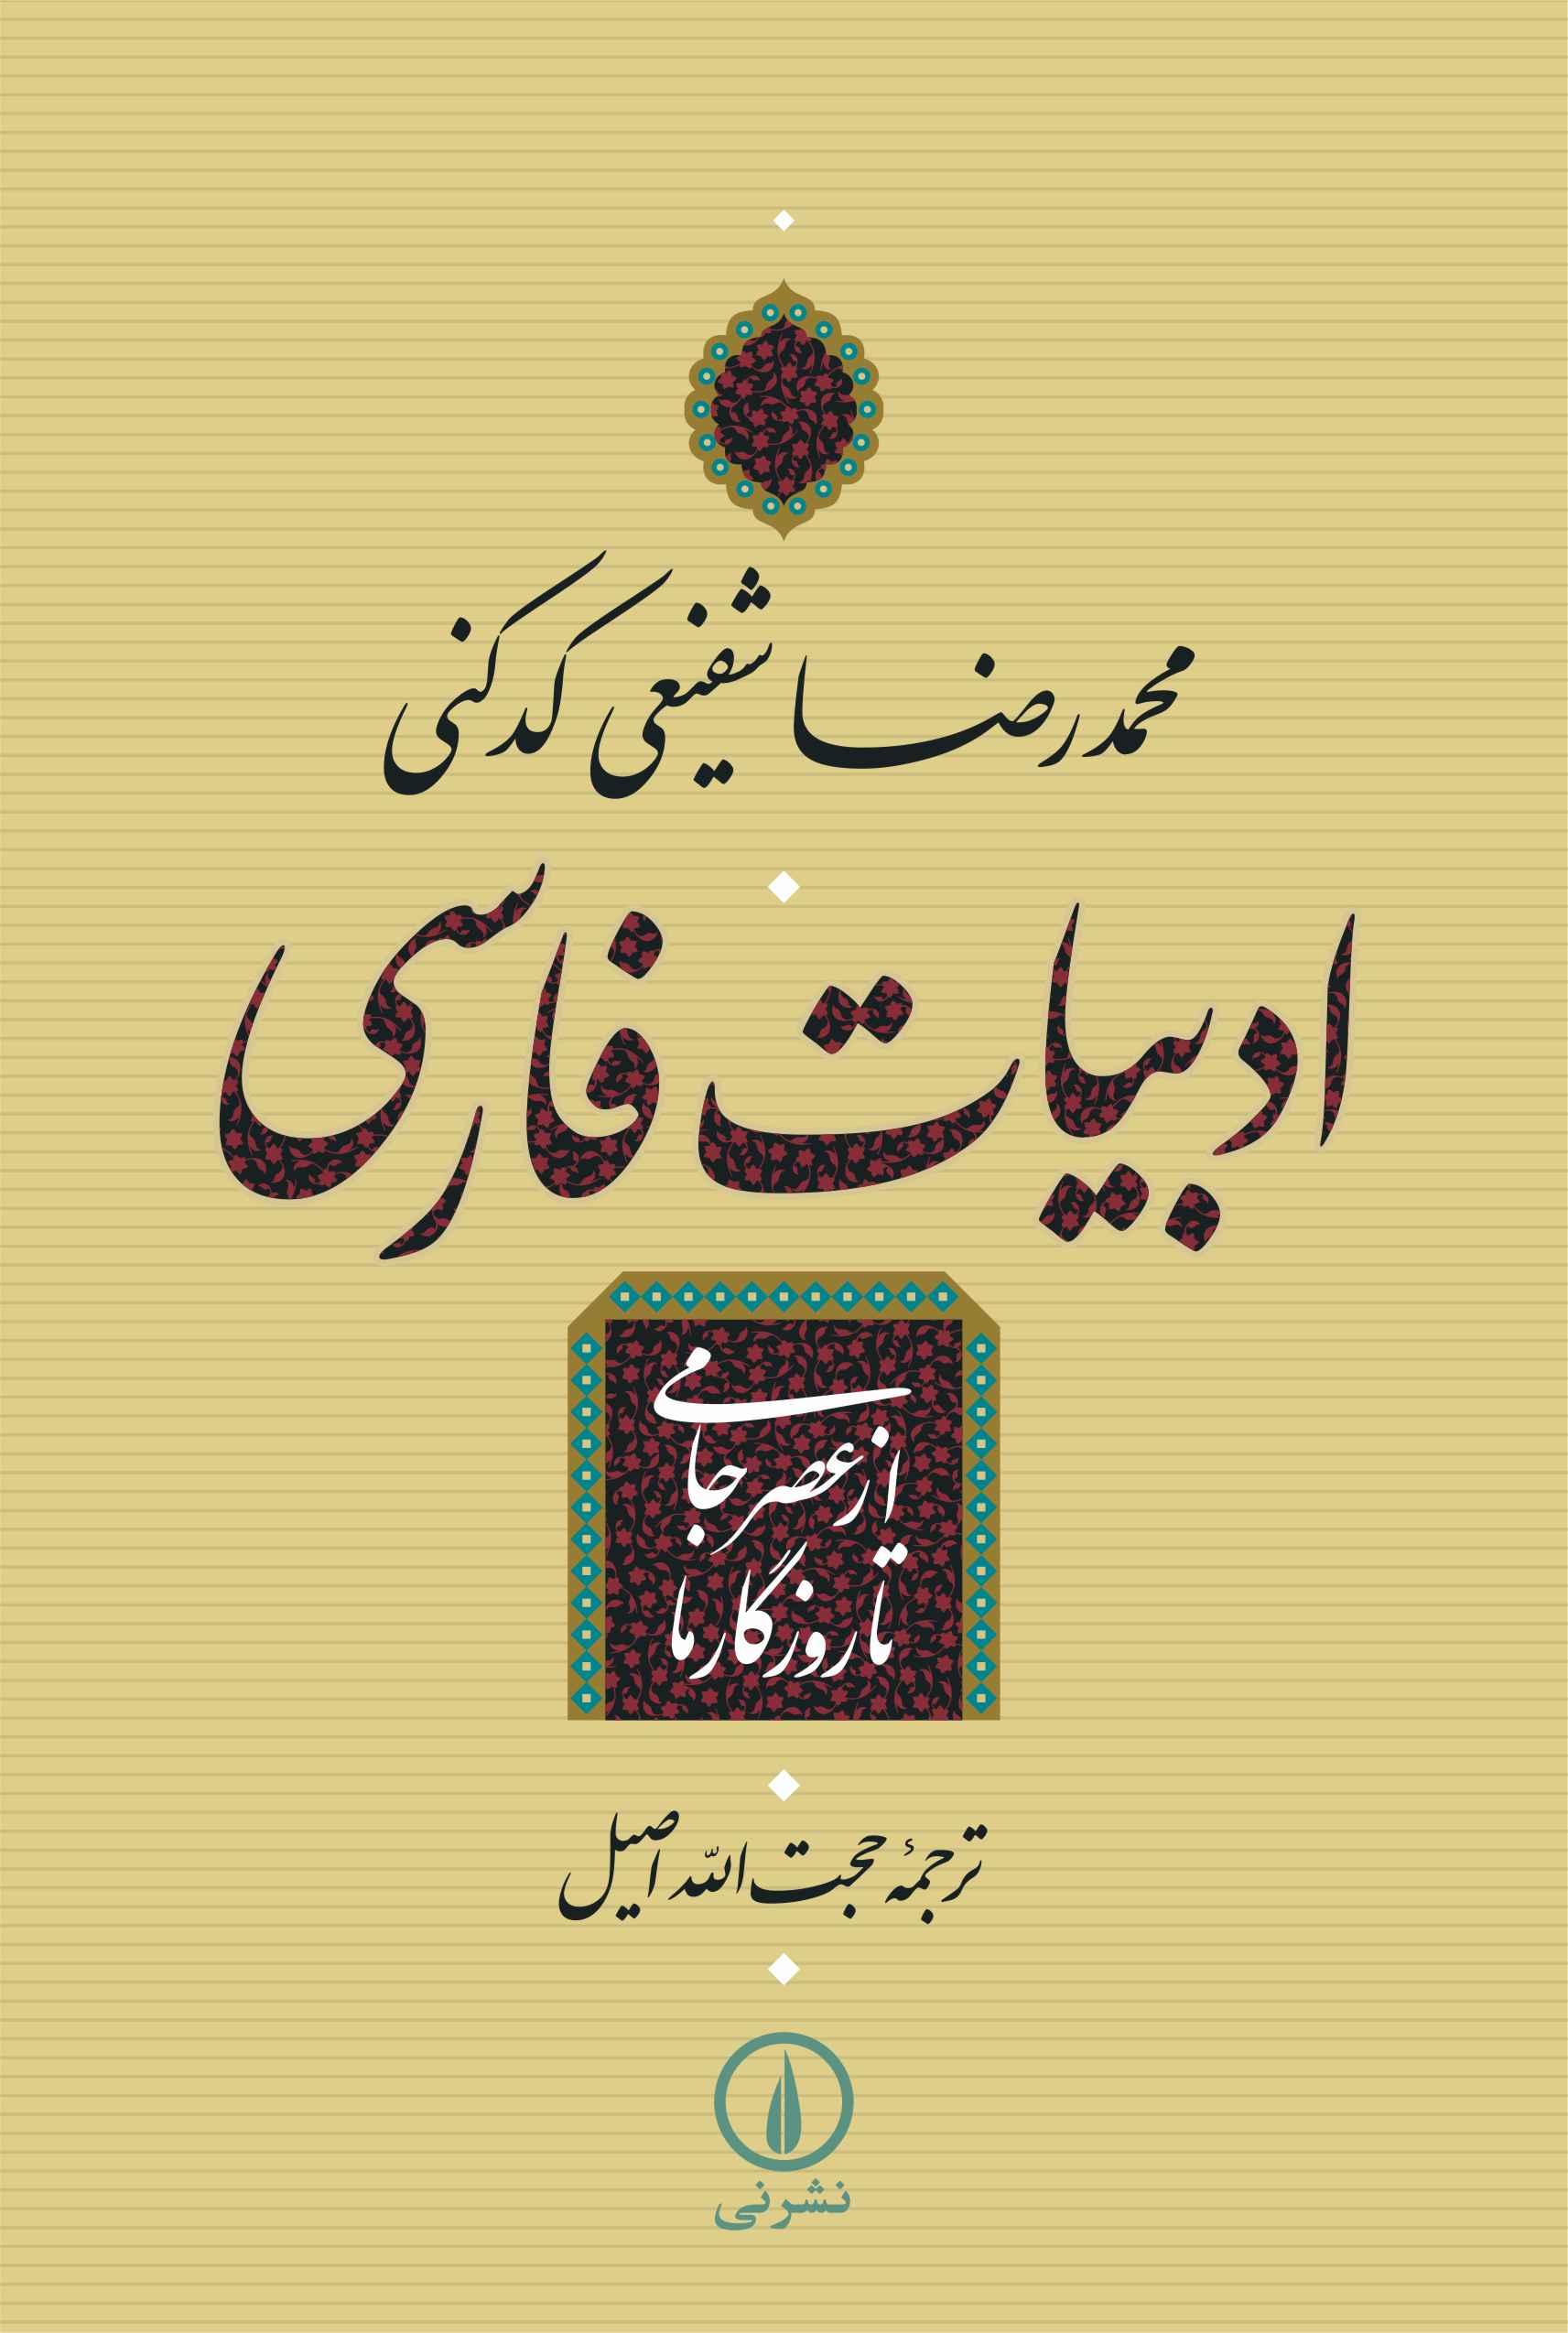 کتاب ادبیات فارسی - از عصر جامی تا روزگار ما